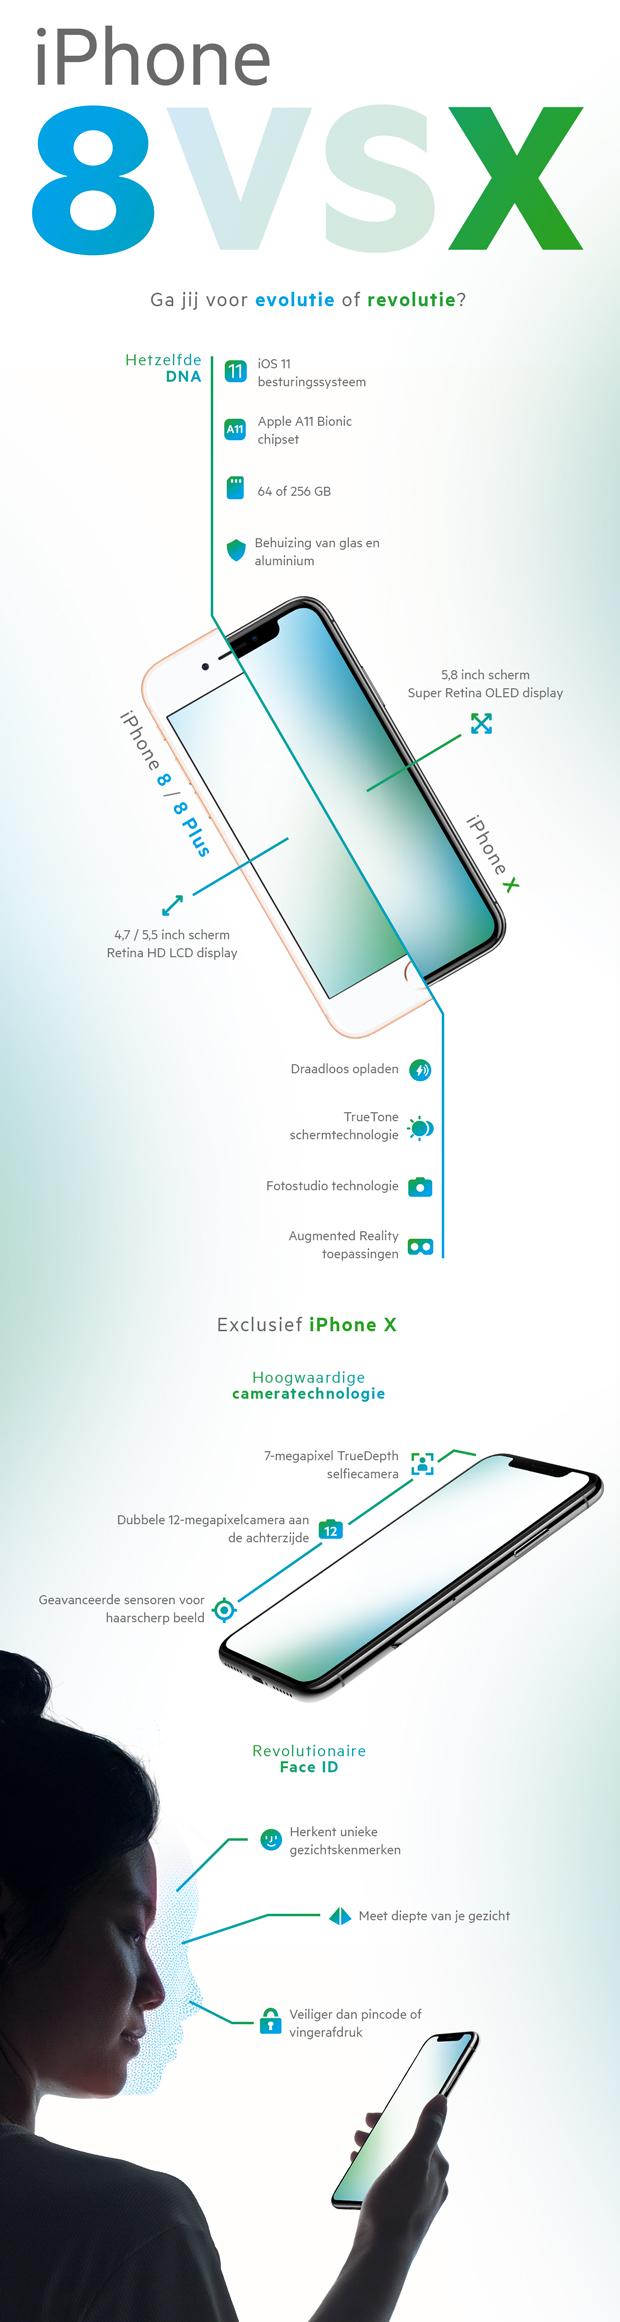 iPhone 8 vs. iPhone X infographic